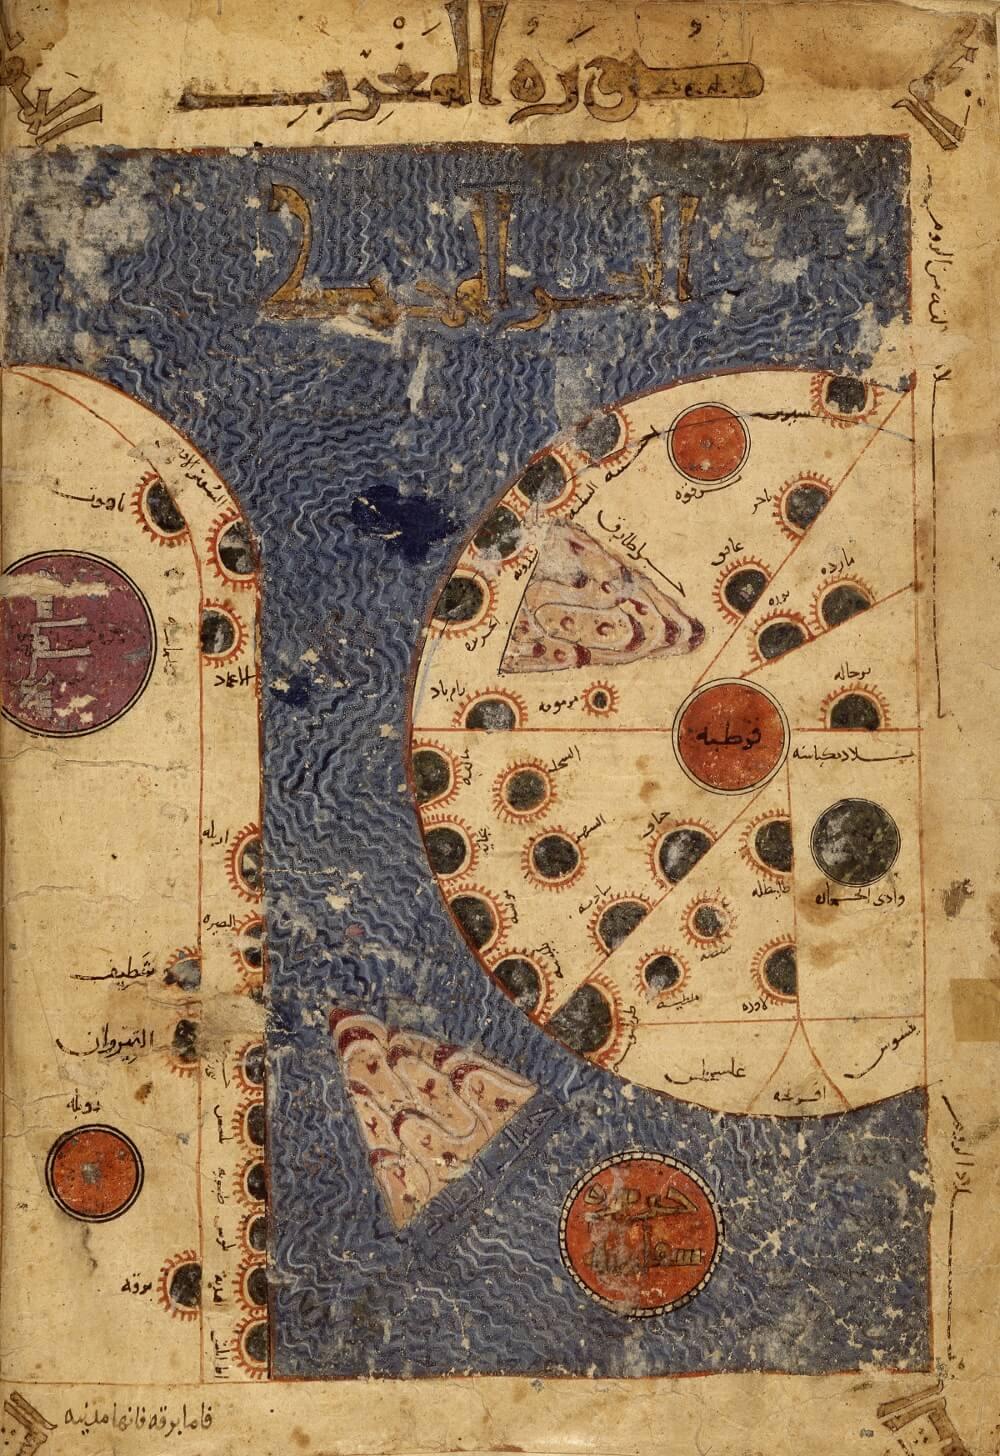 Libro de los caminos y los reinos al-Istajri al-Bakrī al-Ándalus omeya